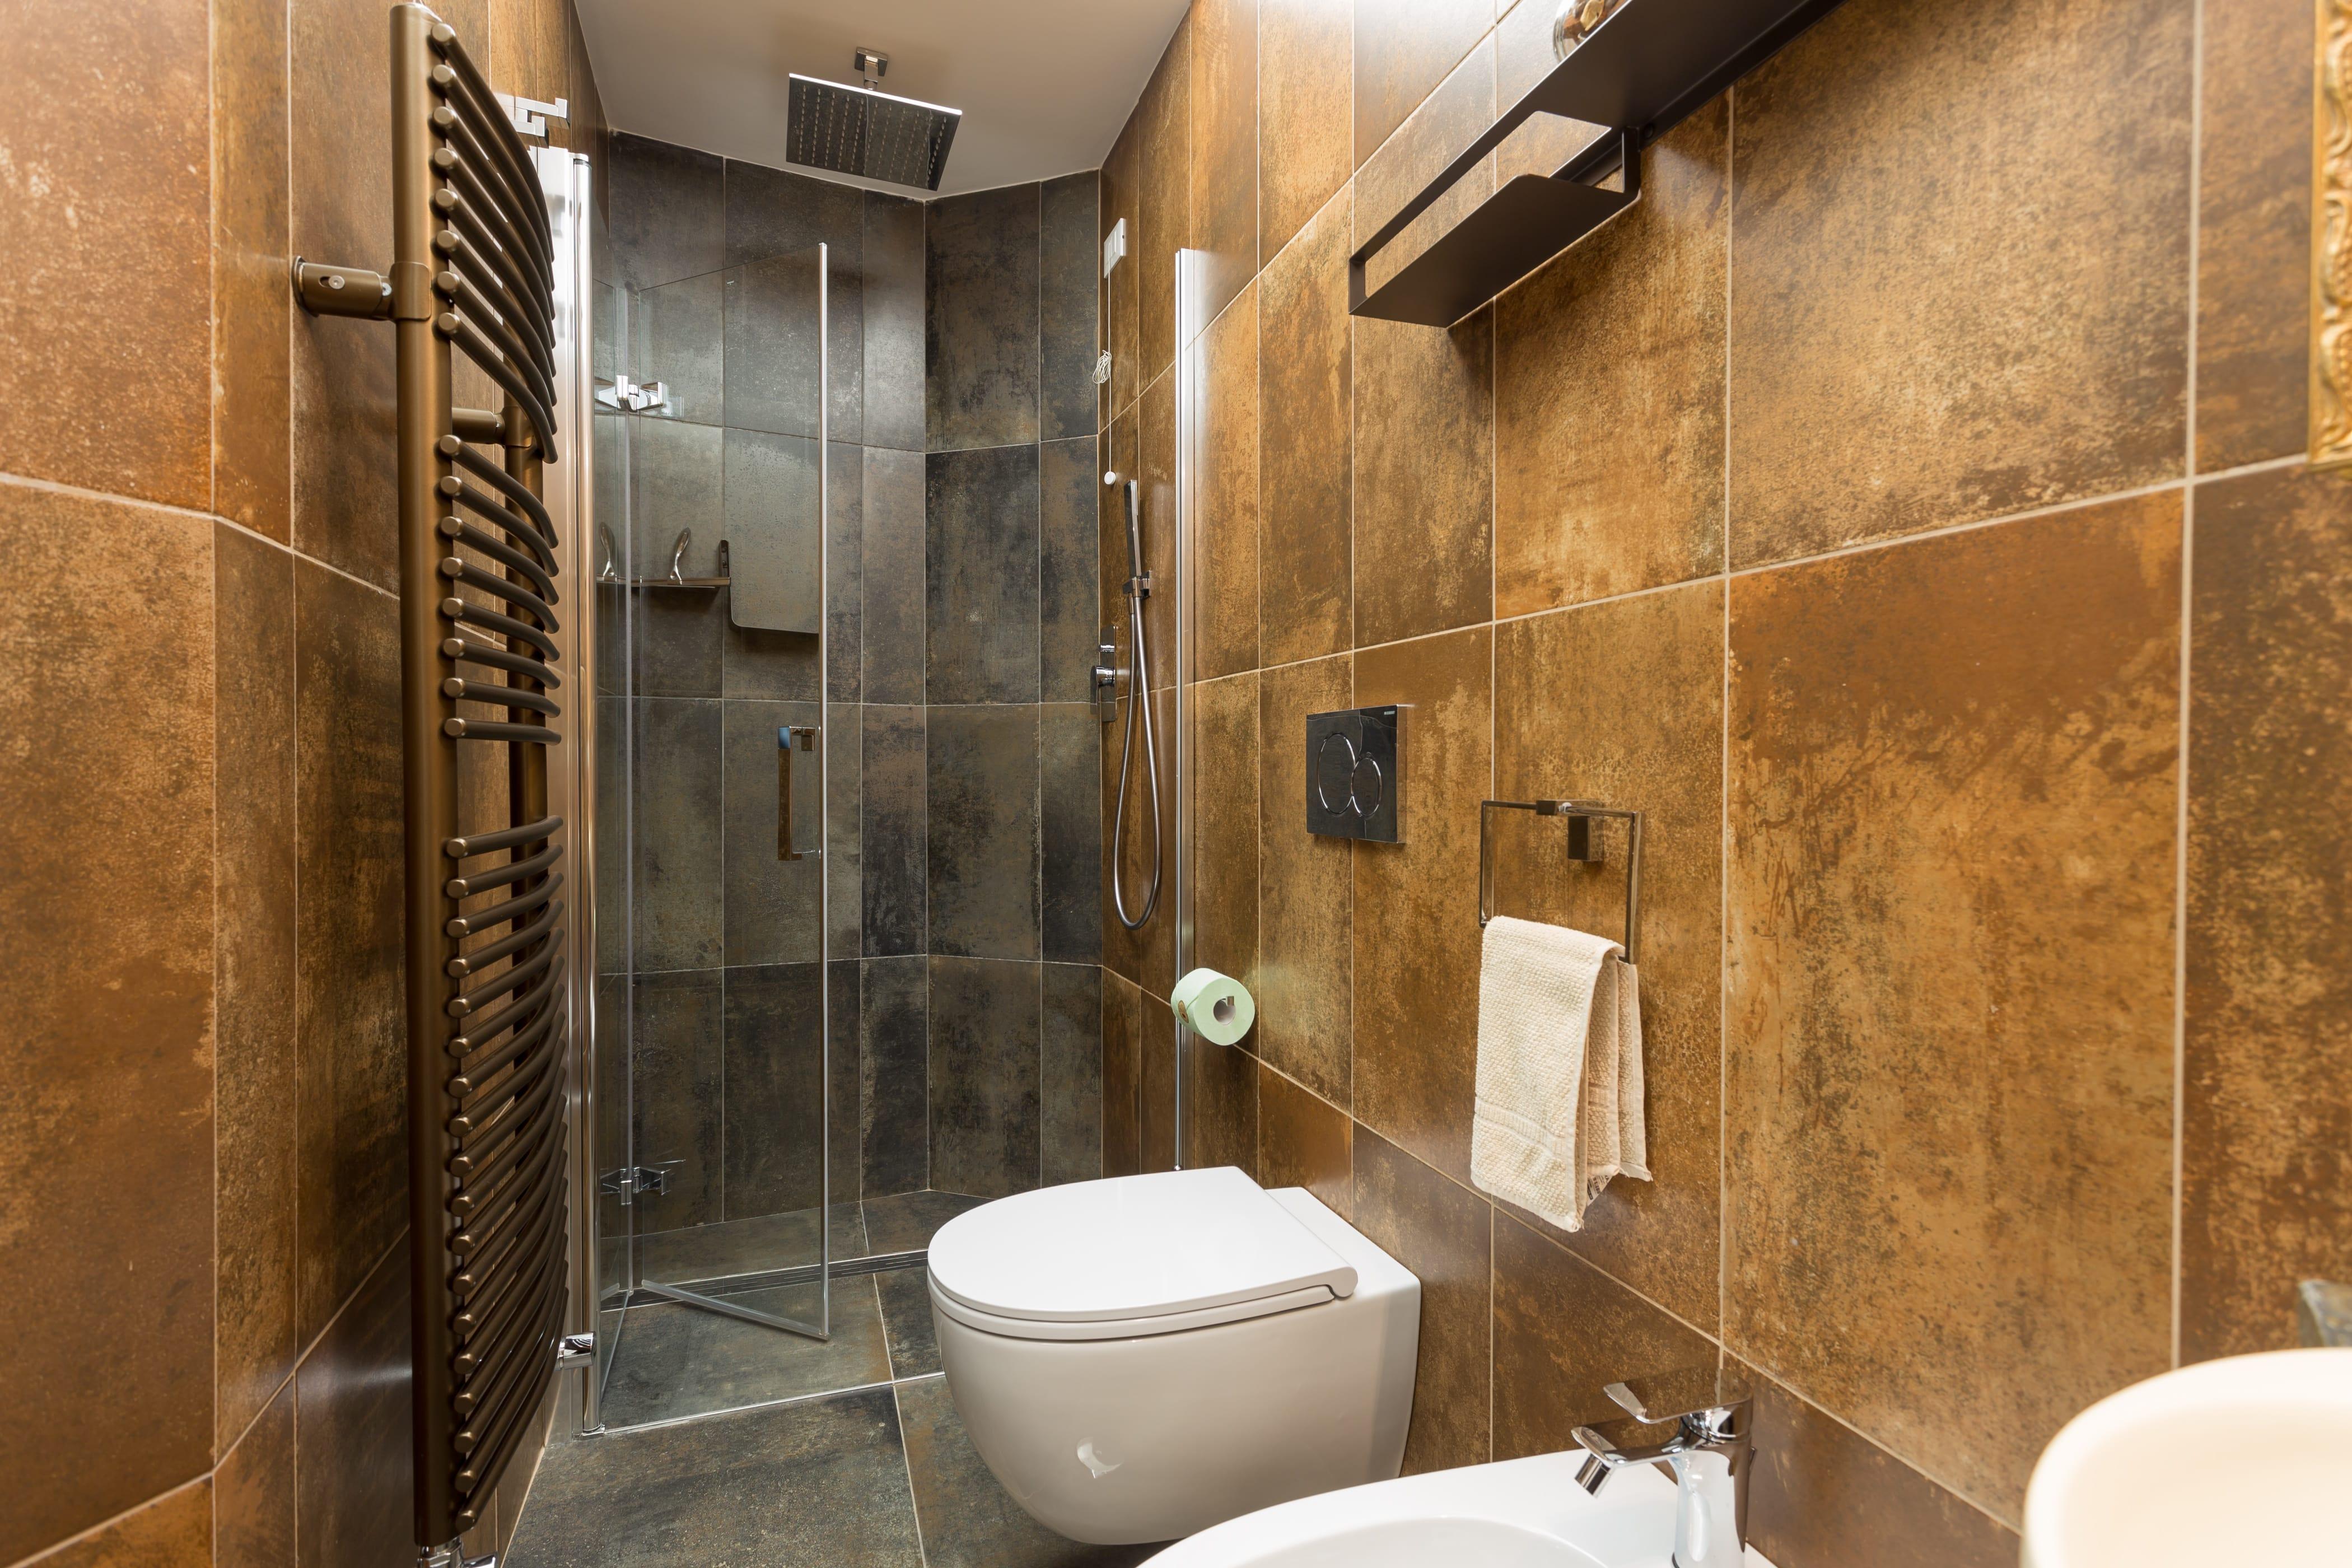 bagno con doccia cromoterapica-min